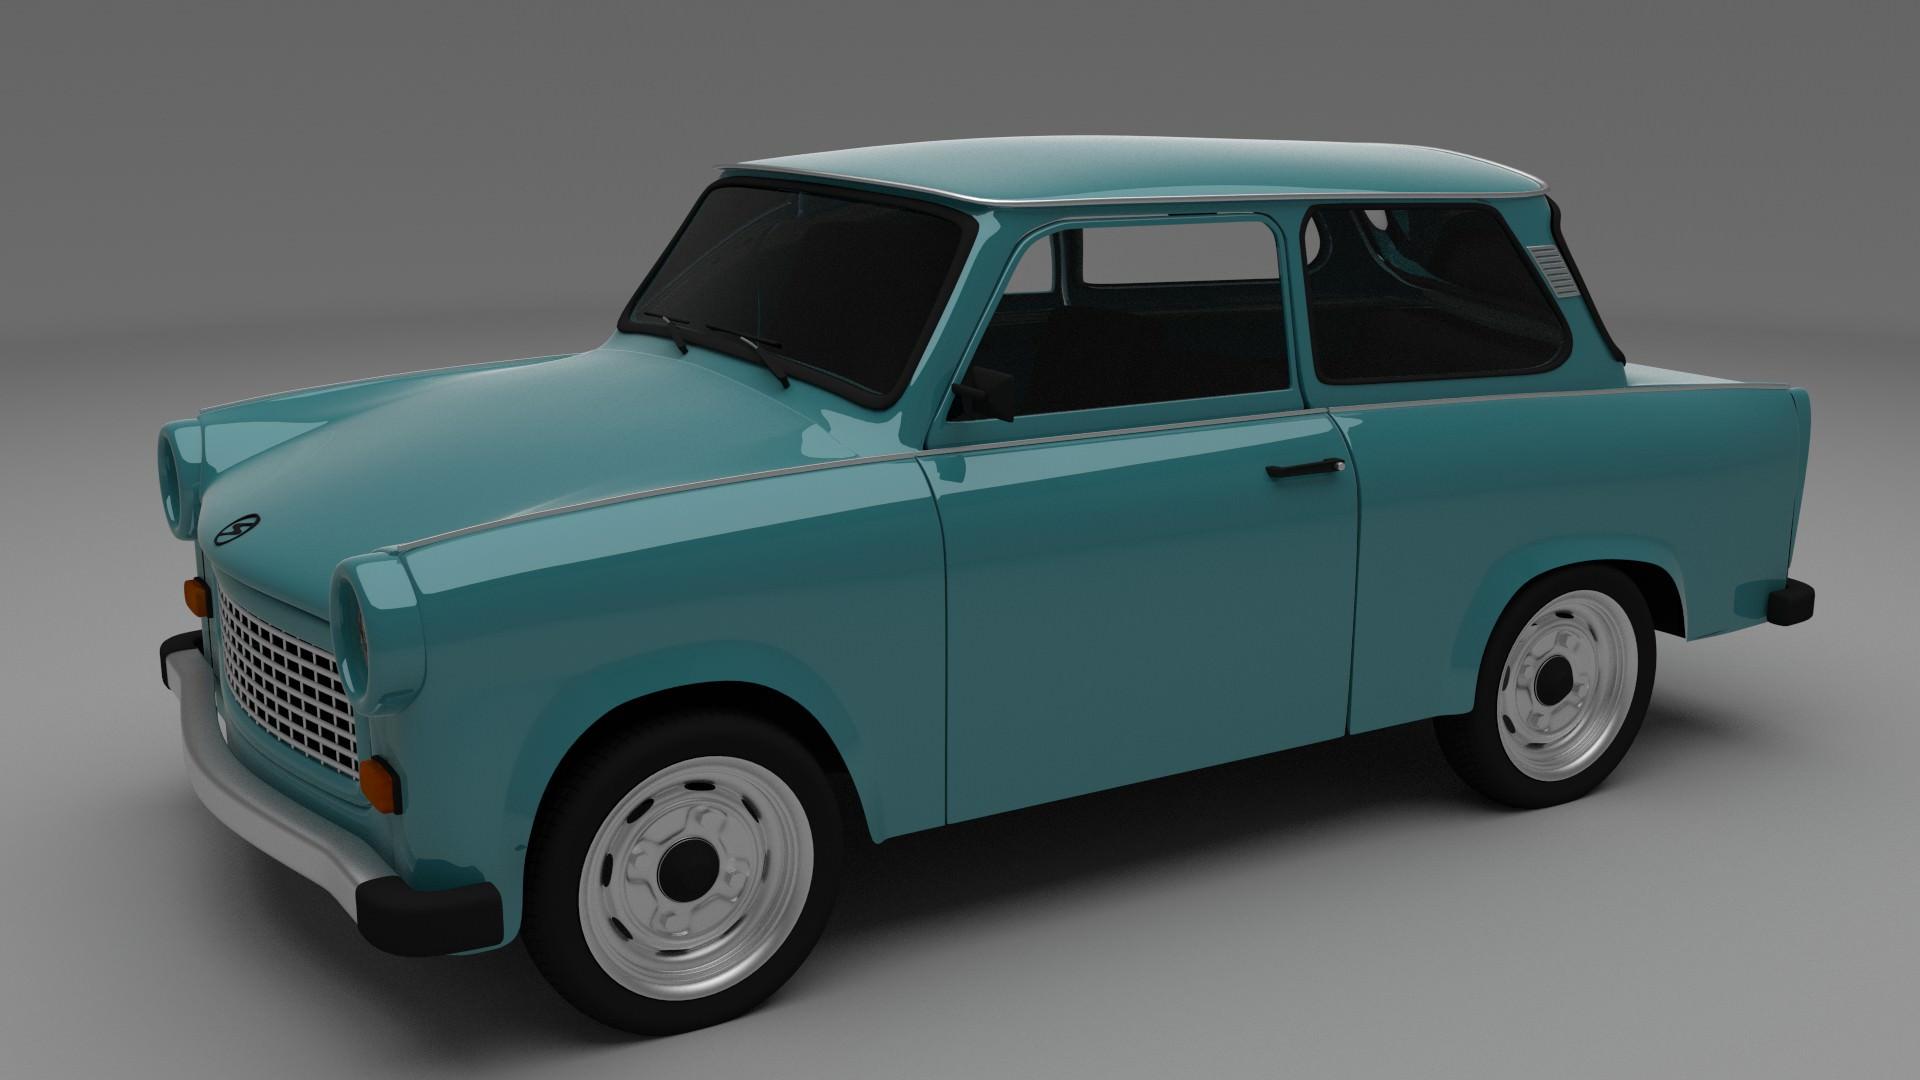 trabant 601 3d model obj blend dae. Black Bedroom Furniture Sets. Home Design Ideas